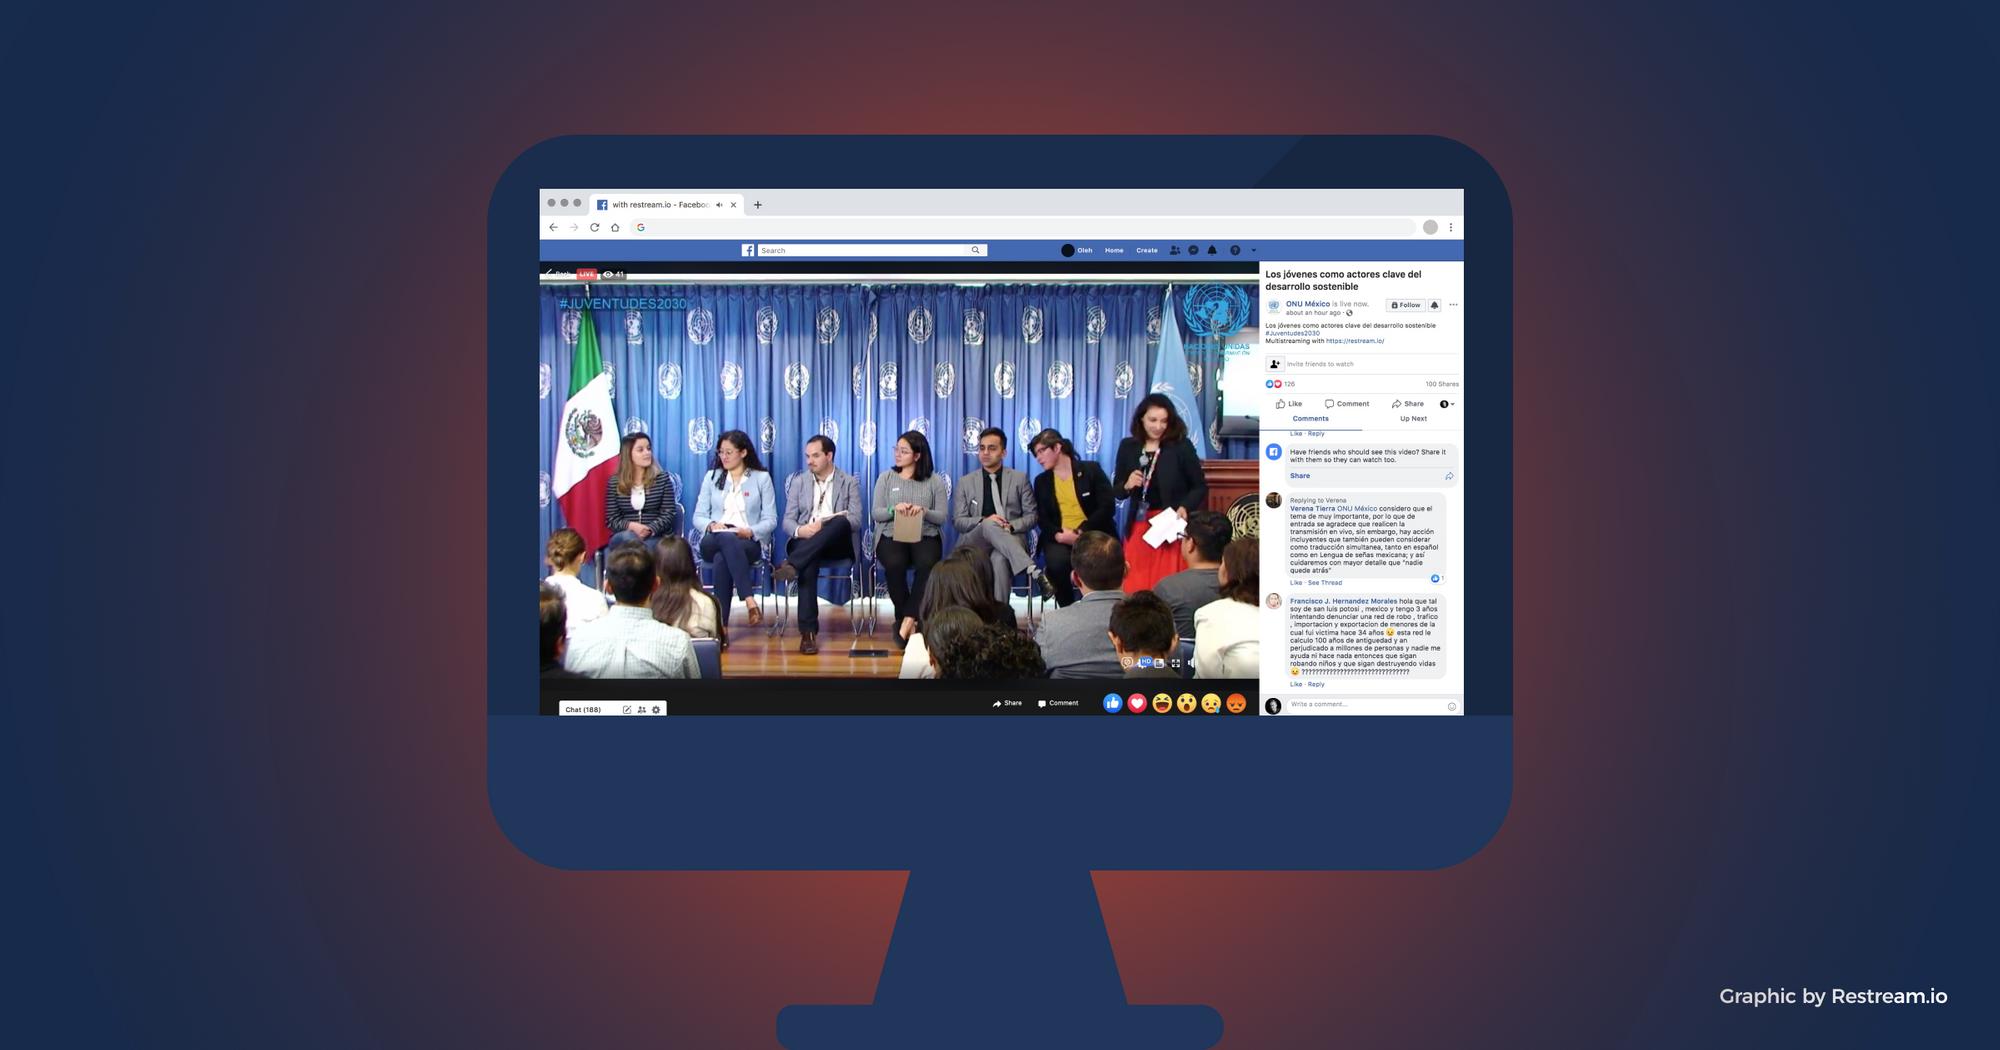 Facebook Live on the desktop